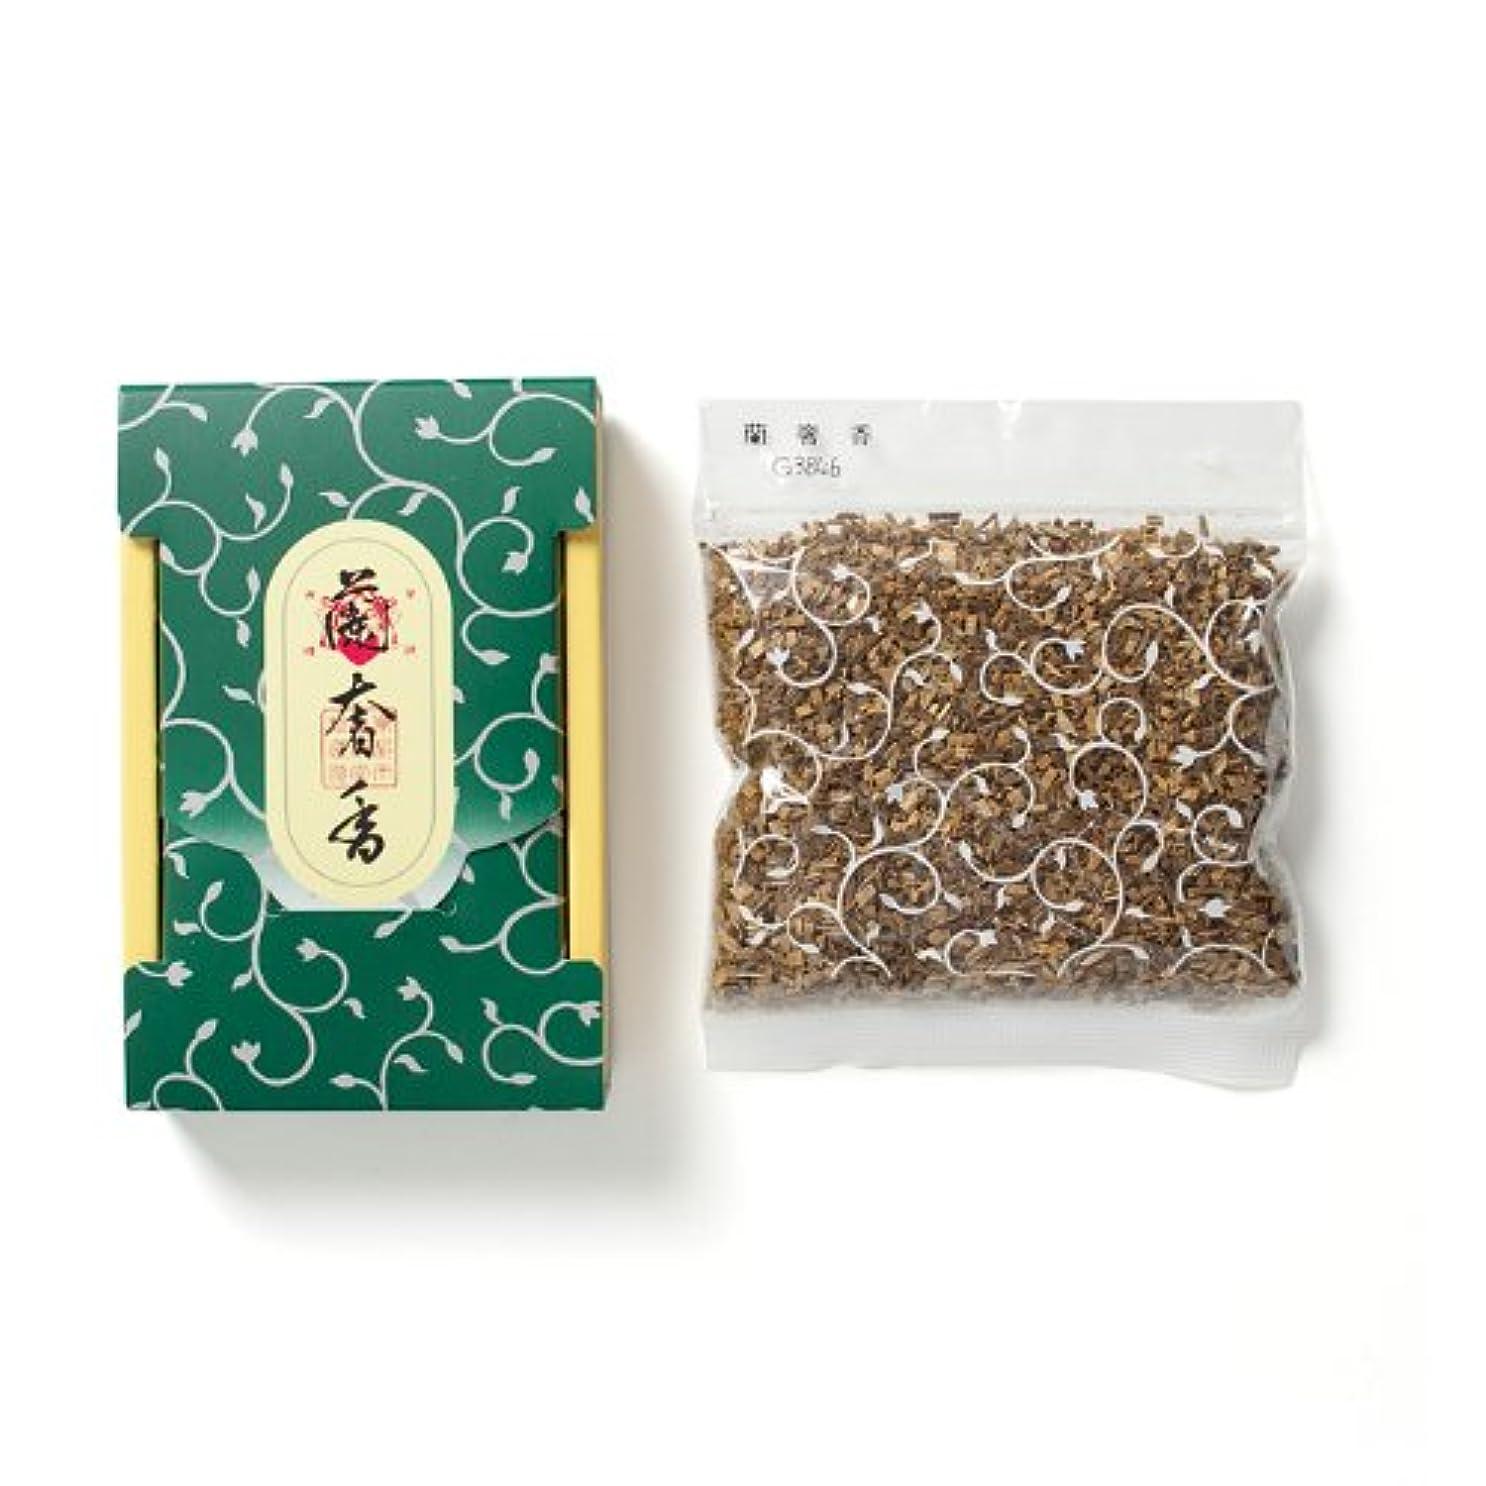 酸正確さ滑る松栄堂のお焼香 蘭奢香 25g詰 小箱入 #410741